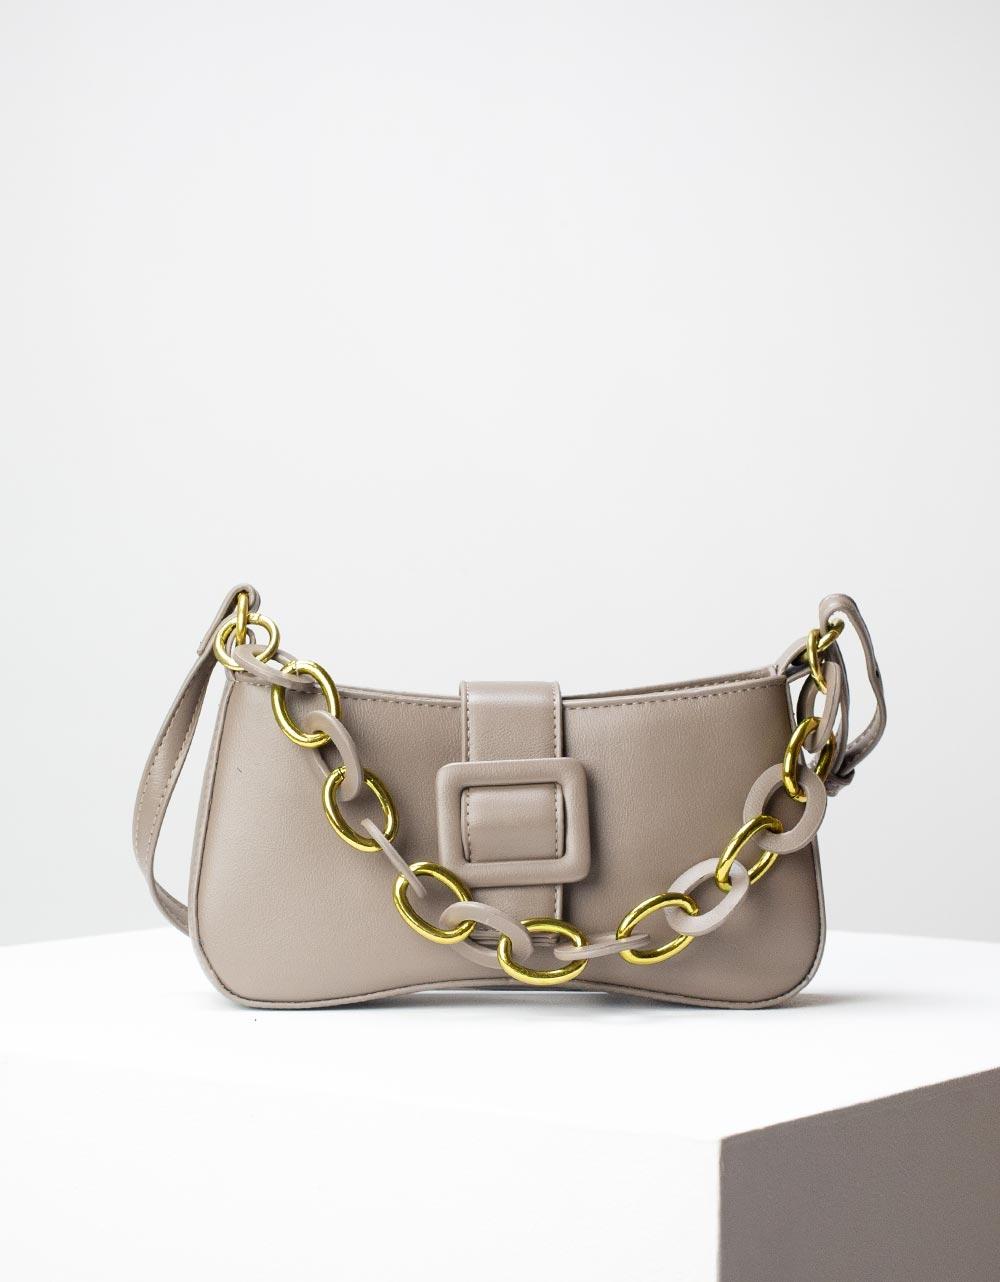 Εικόνα από Γυναικεία τσάντα ώμου & χιαστί με στρογγυλά λουράκια Γκρι